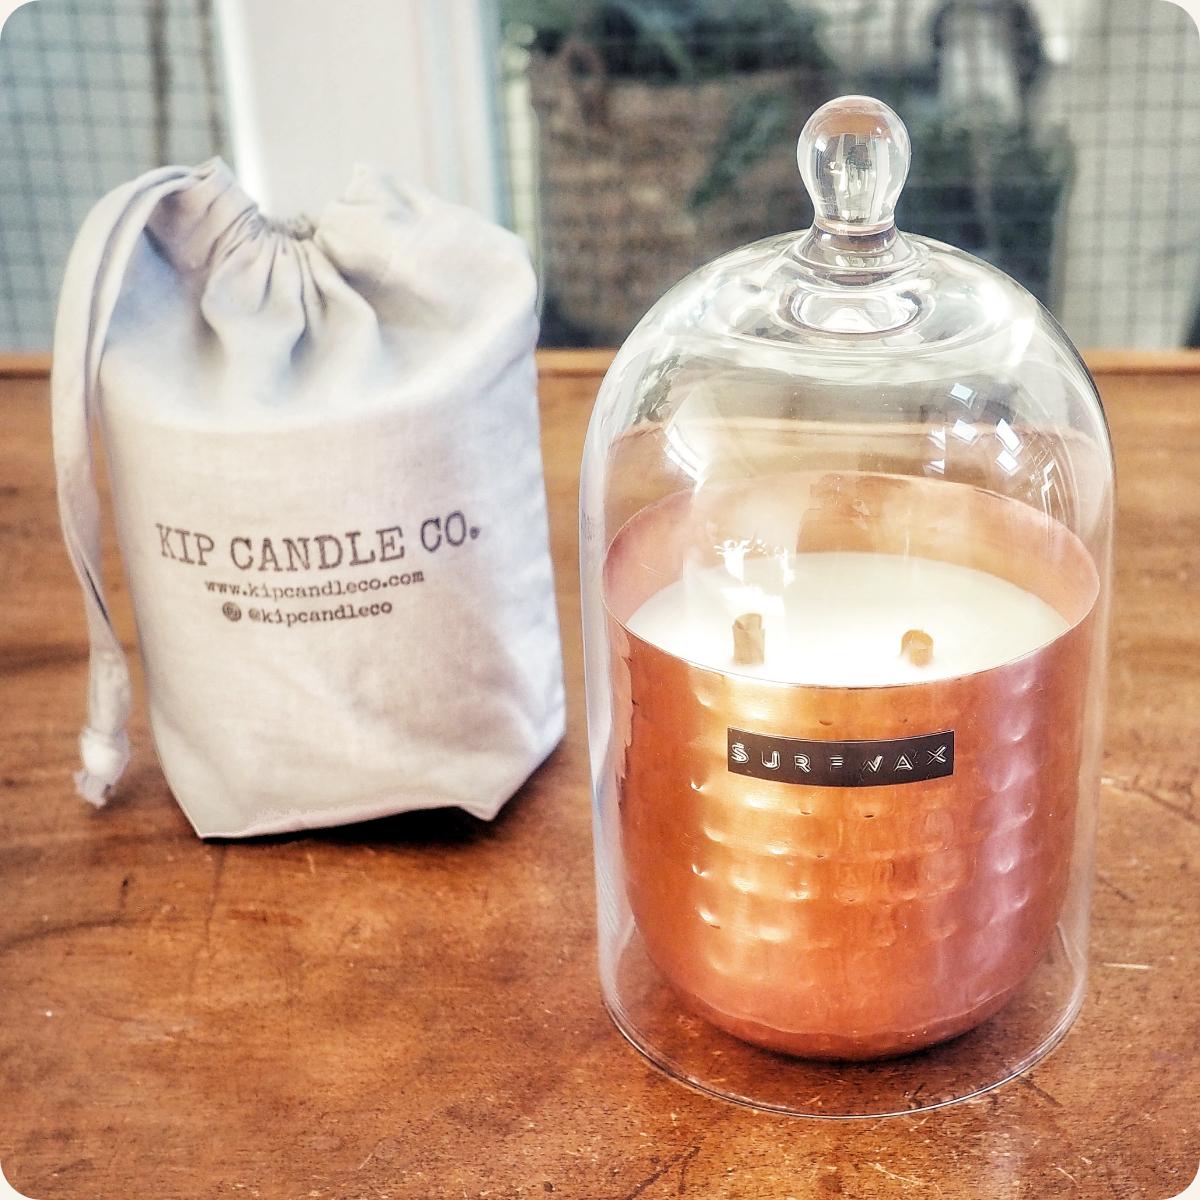 Surfwax Original Hammered Copper Candle & Bell Jar Bundle.